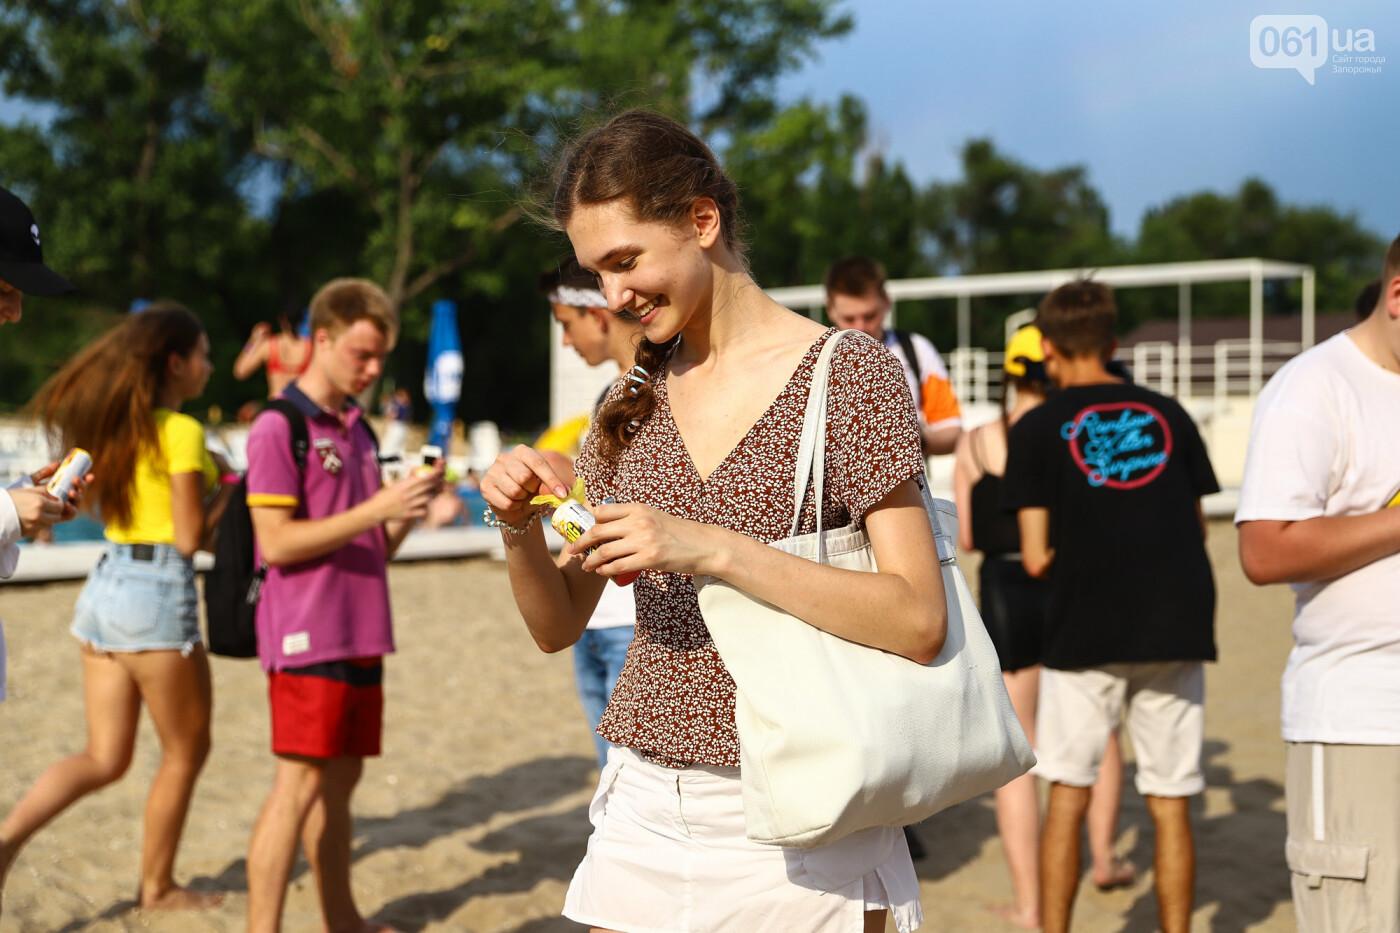 На пляже в Запорожье зажгли желто-синие дымовые шашки и установили рекорд Украины, - ФОТОРЕПОРТАЖ, фото-12